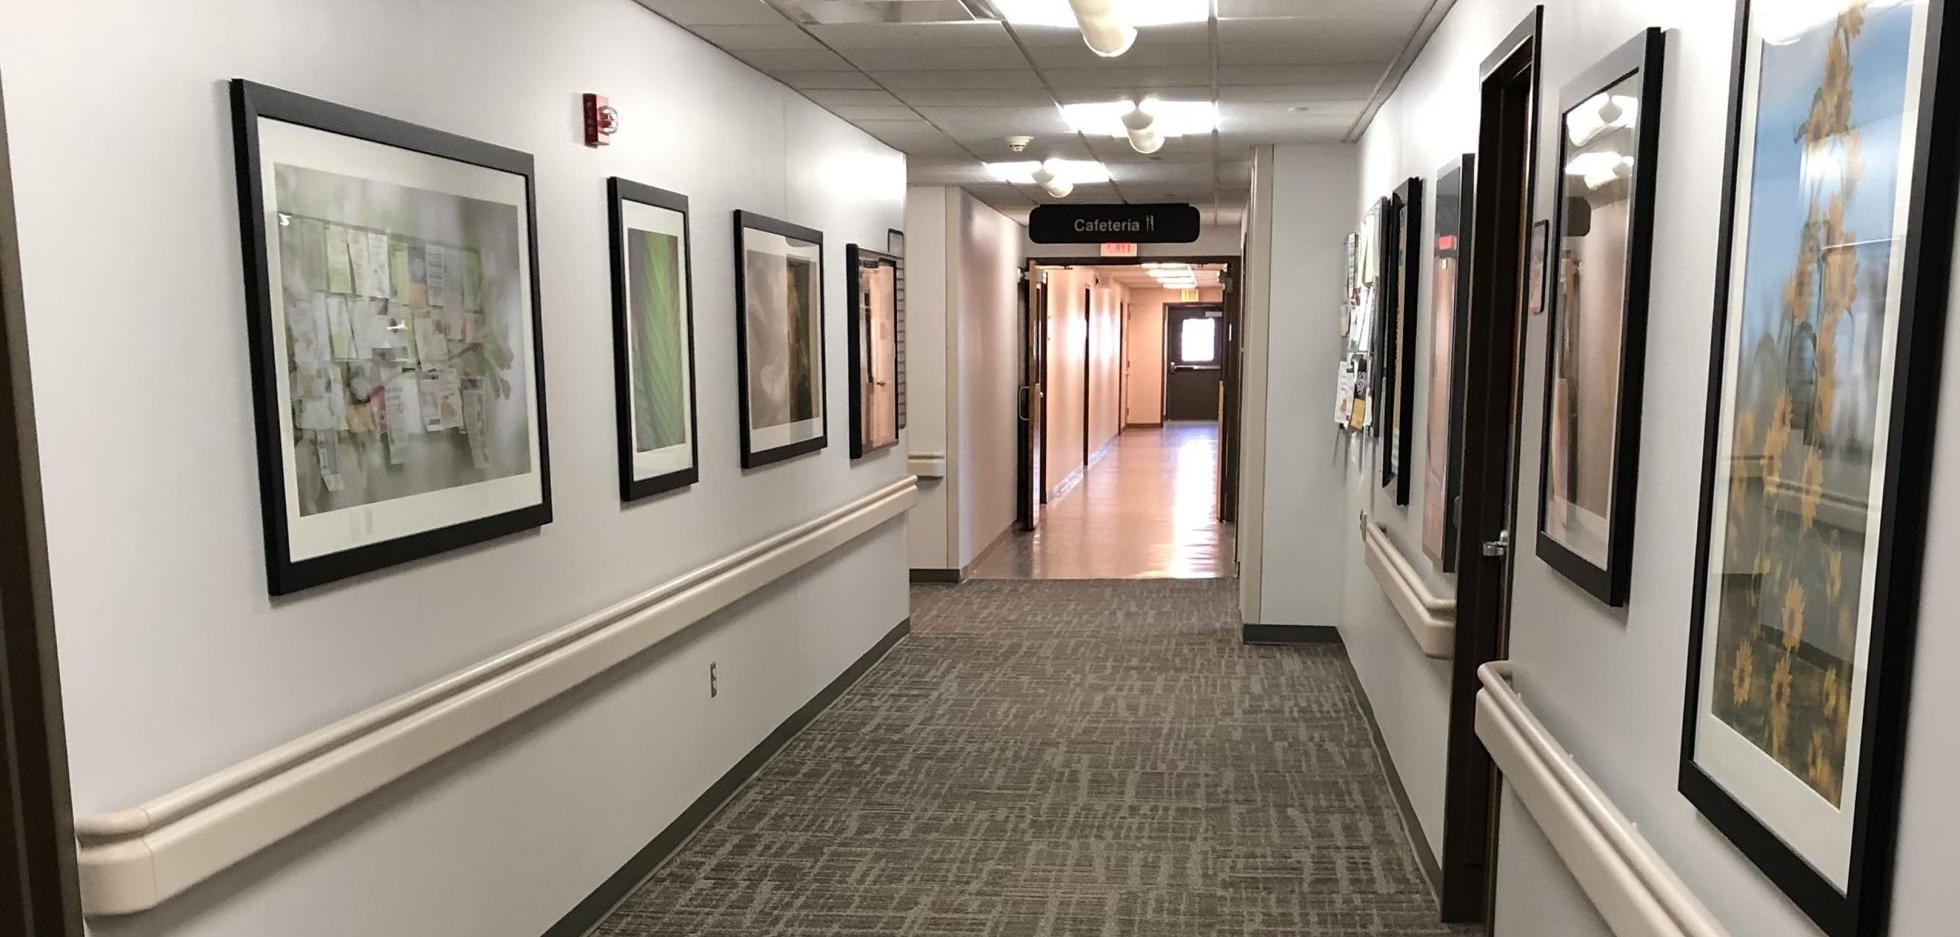 Nemaha County Hospital